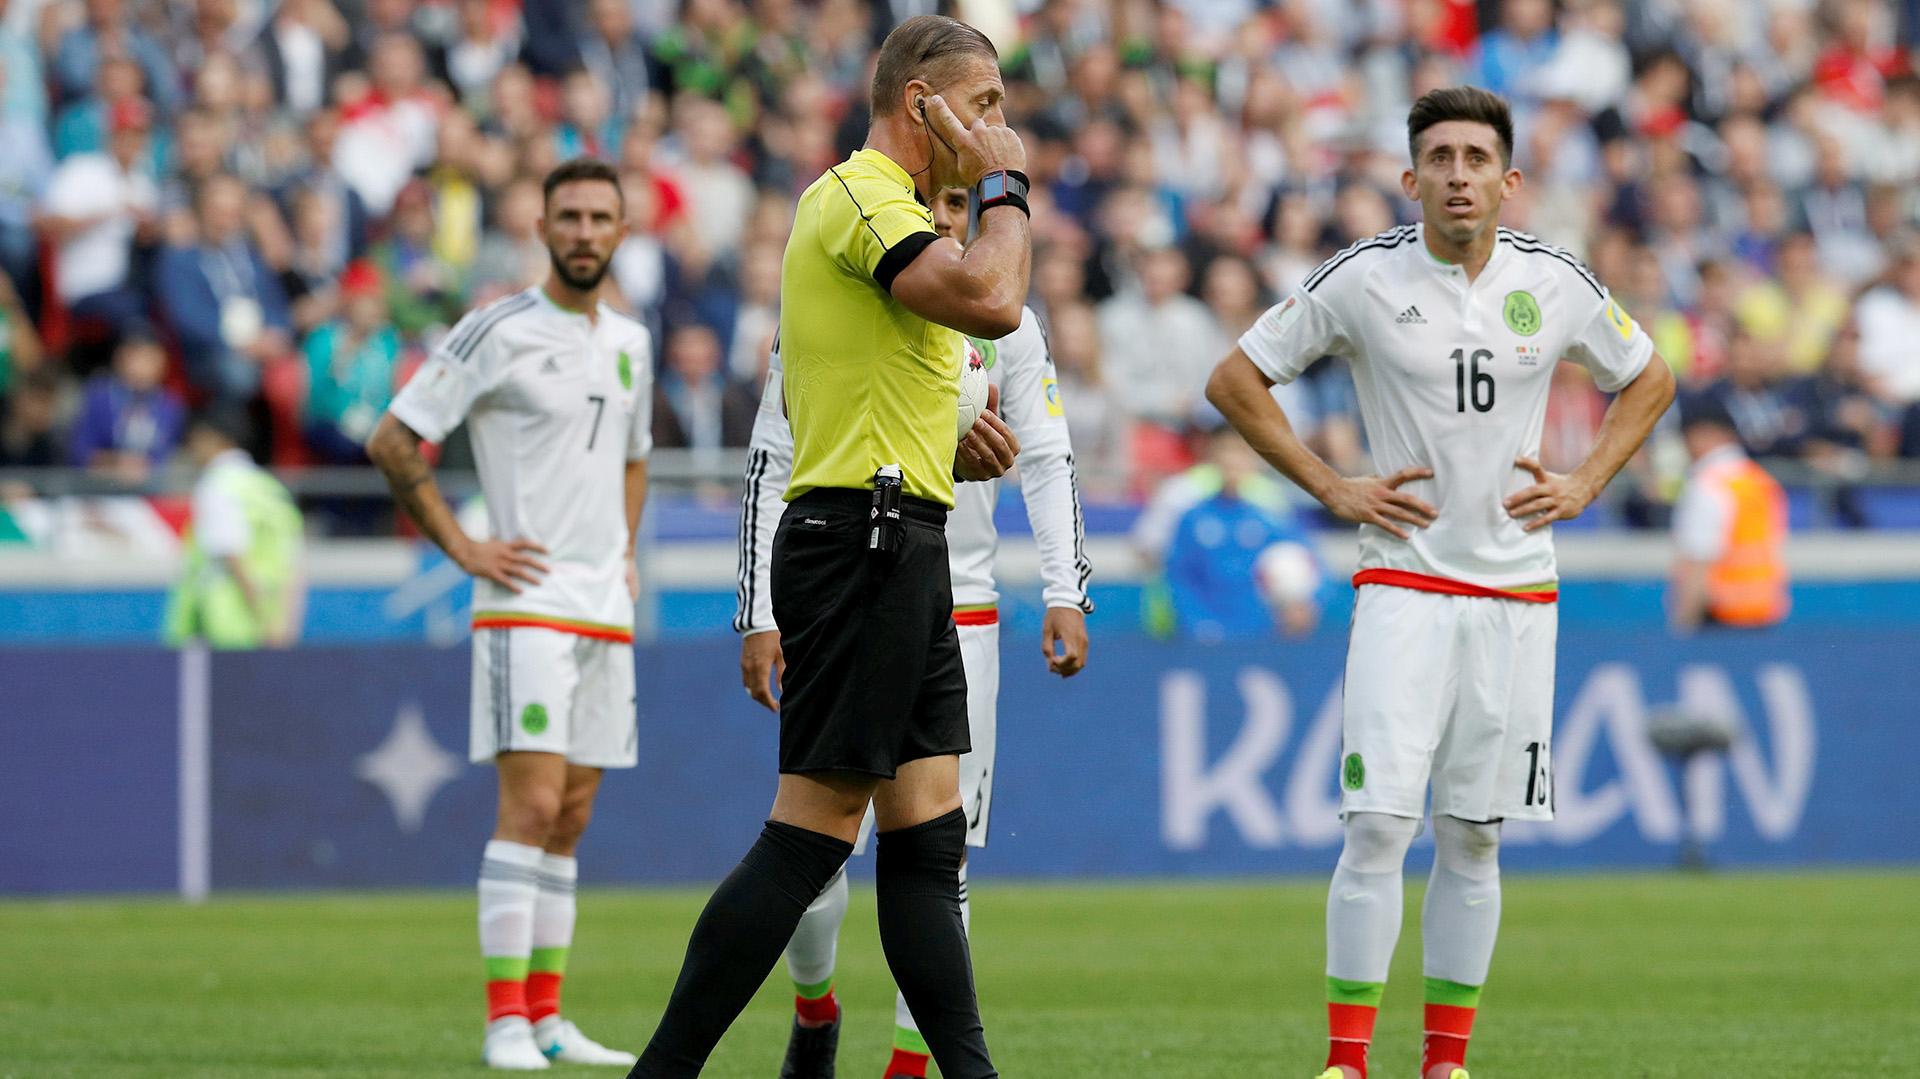 Néstor Pitana decidió apoyarse en el VAR para saber si el gol de Portugal fue válido (Reuters)